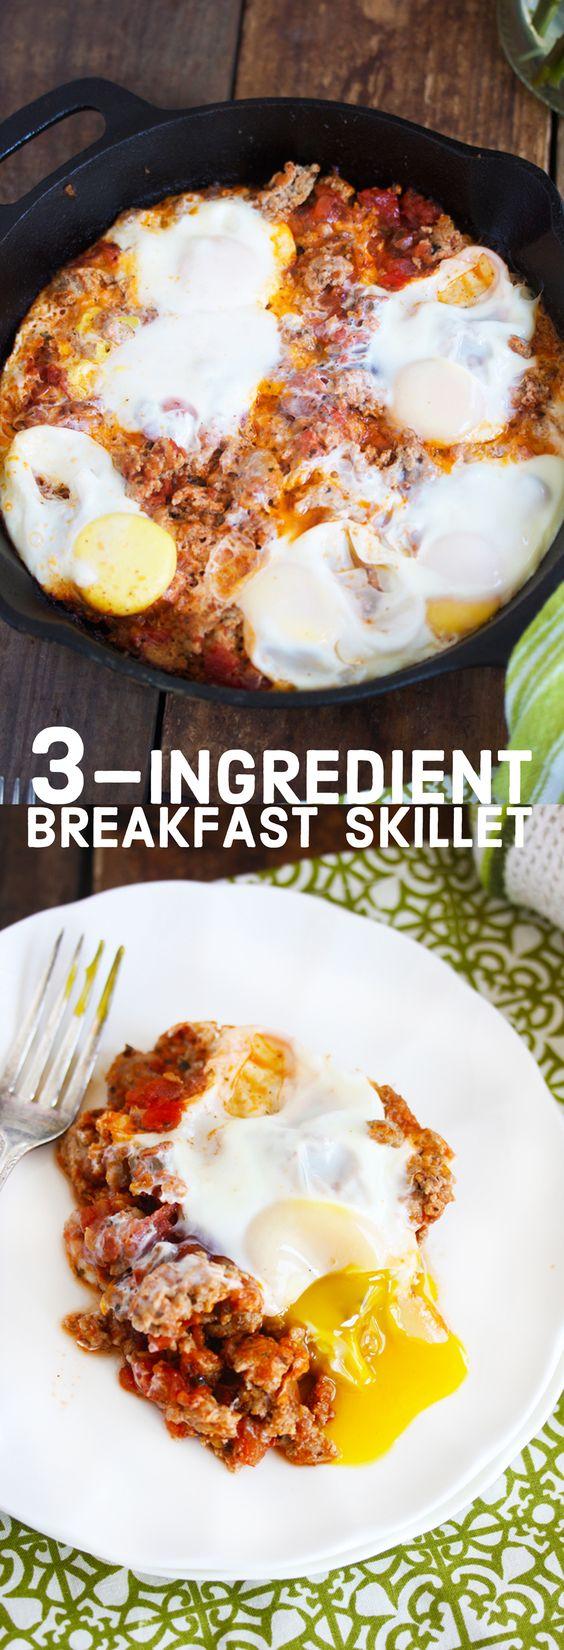 3-Ingredient Breakfast Skillet- Gluten-free, dairy-free, paleo | Lexi